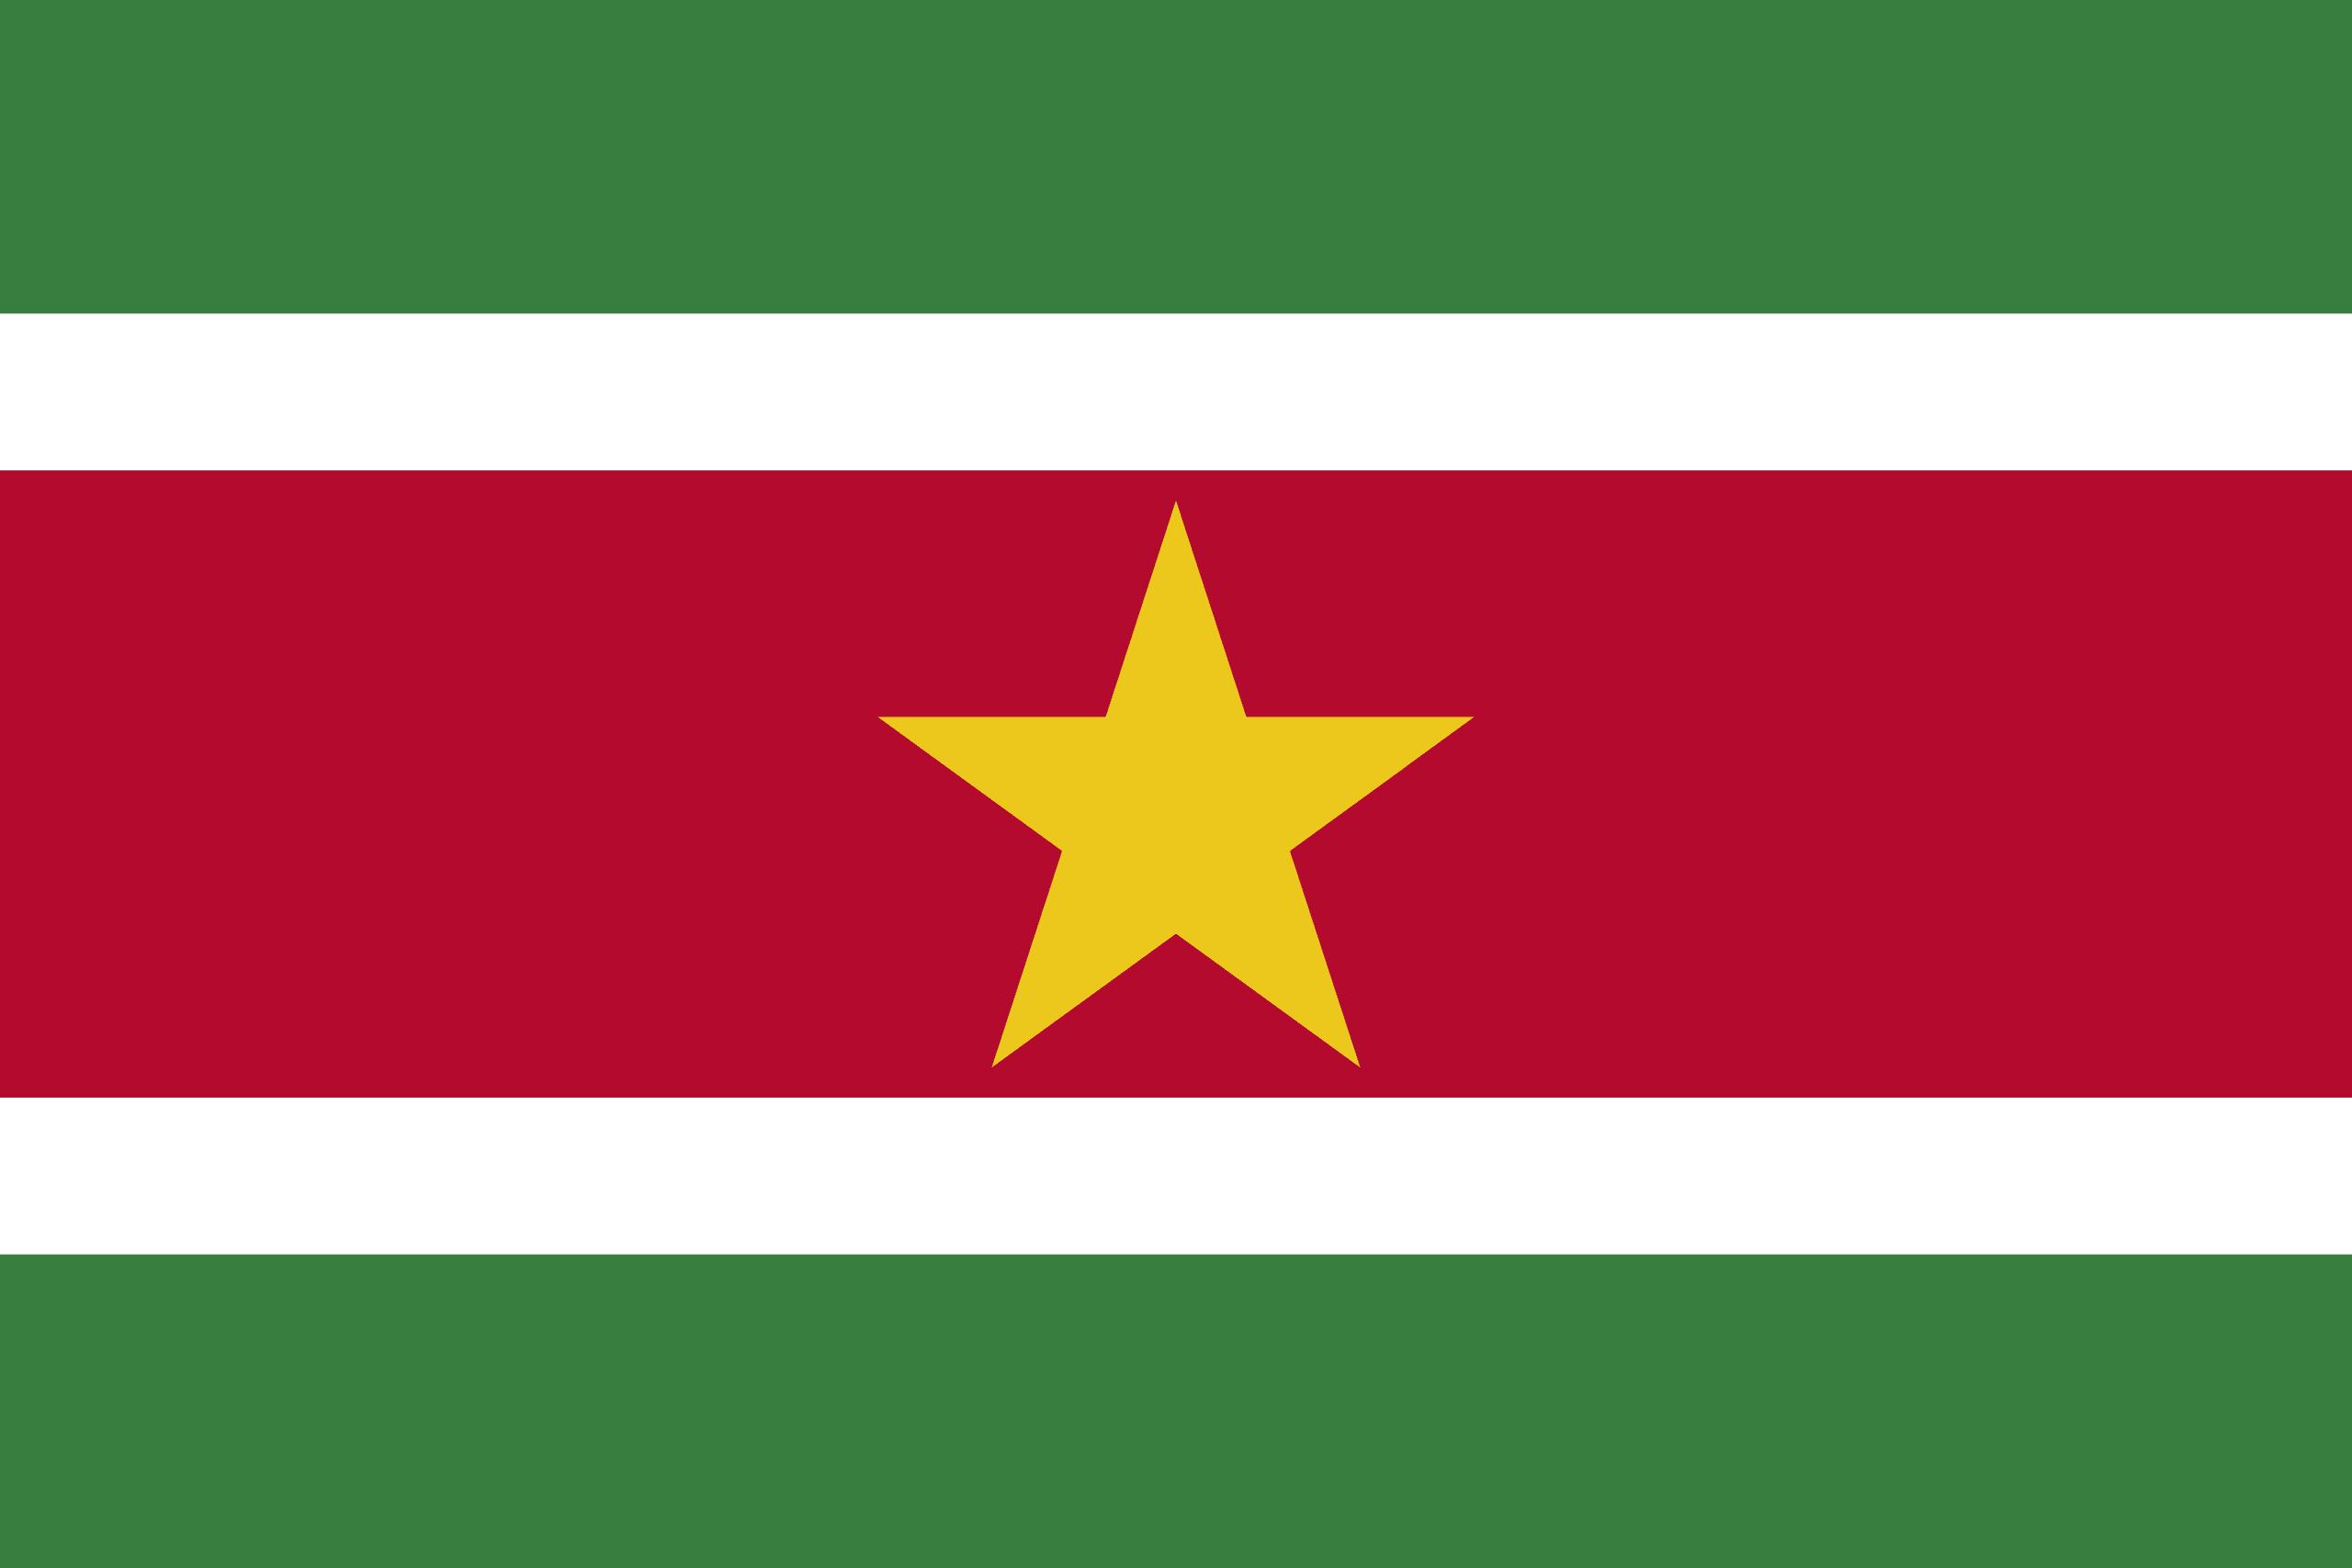 Σημαία Σουρινάμ